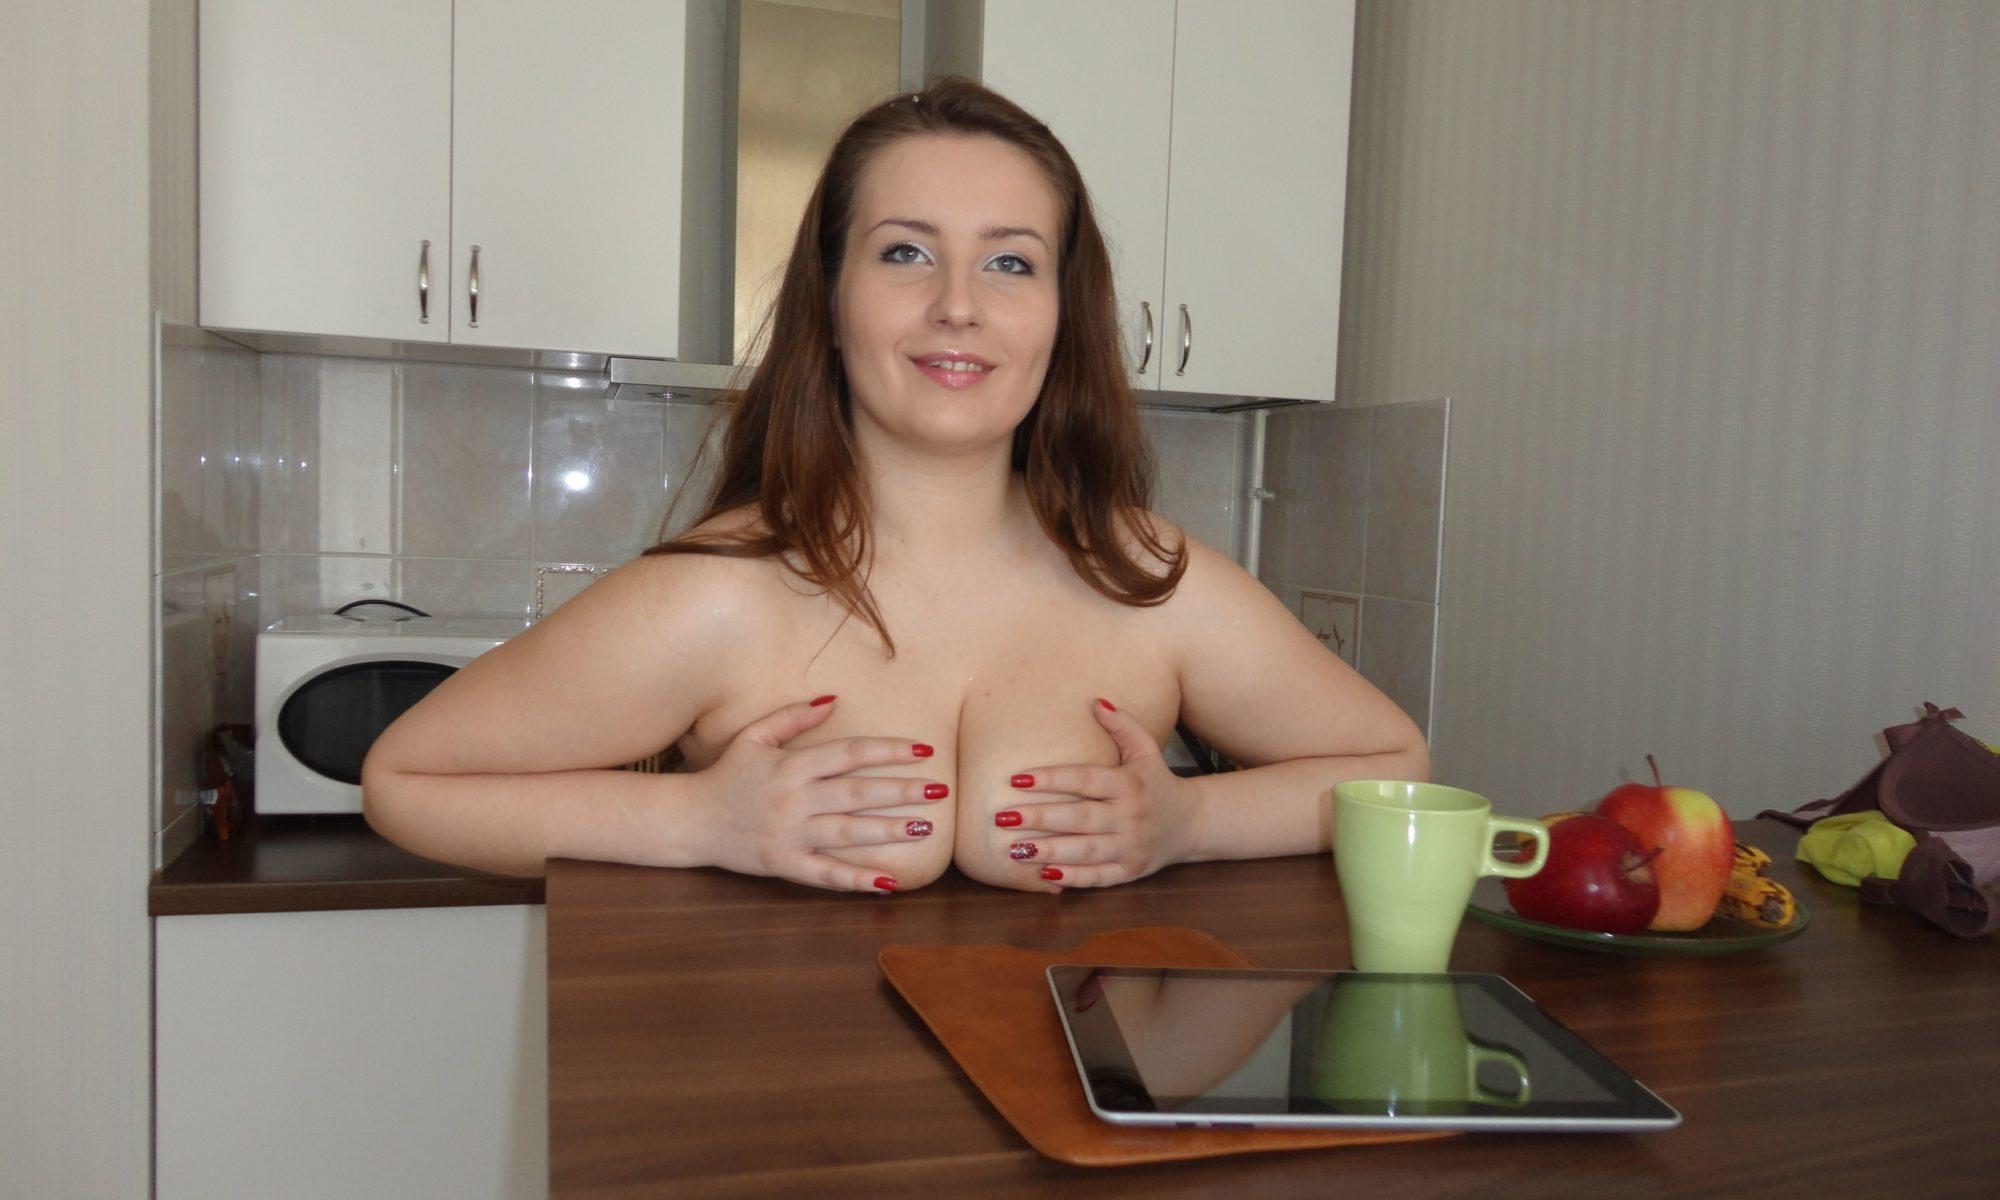 Frau legt nackte Brüste auf den Tisch